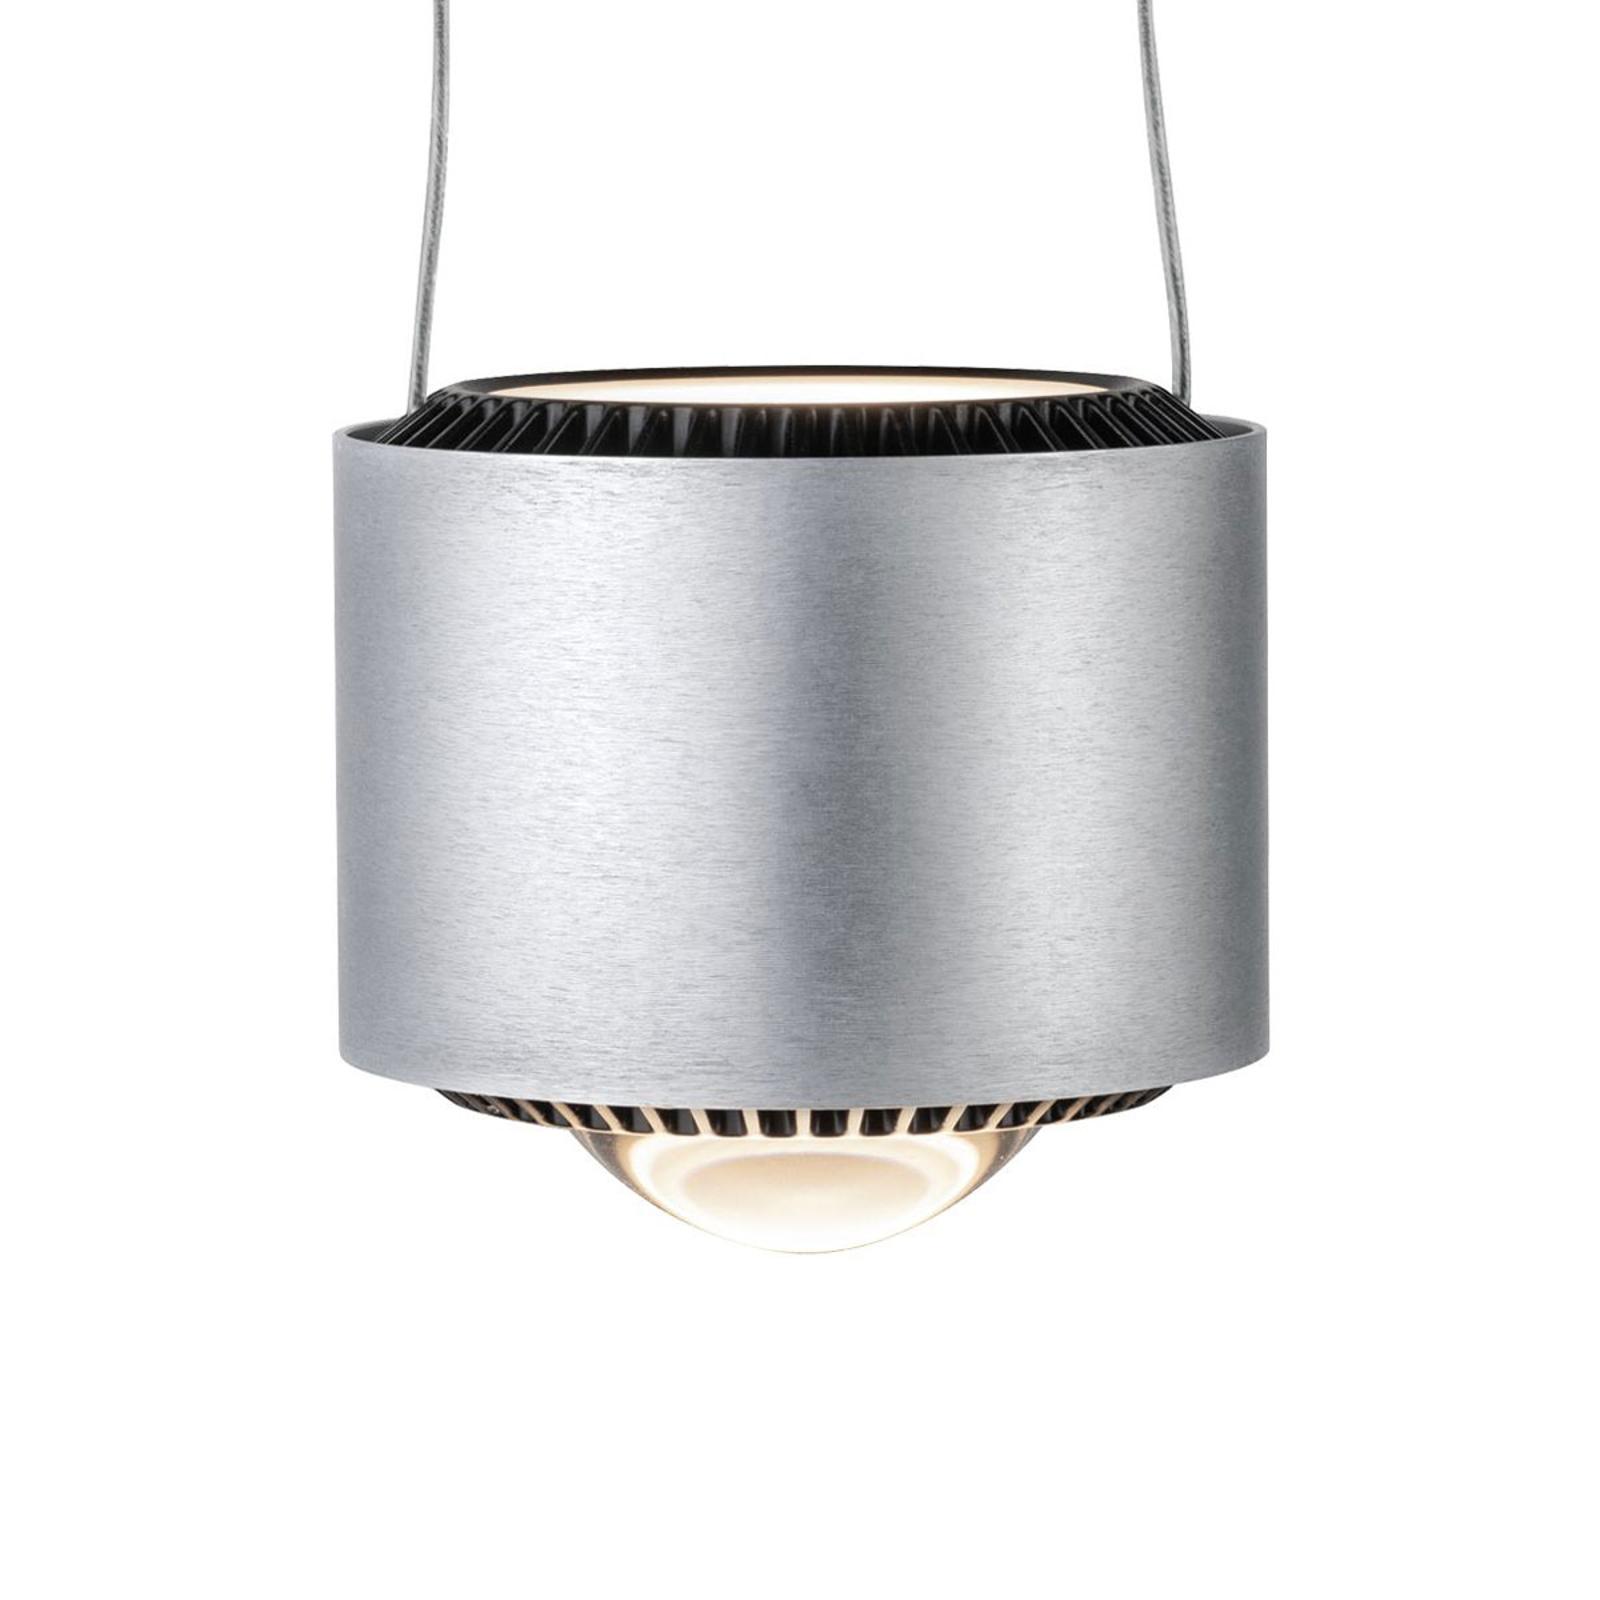 Paulmann VariLine lampa wisząca LED Aldan